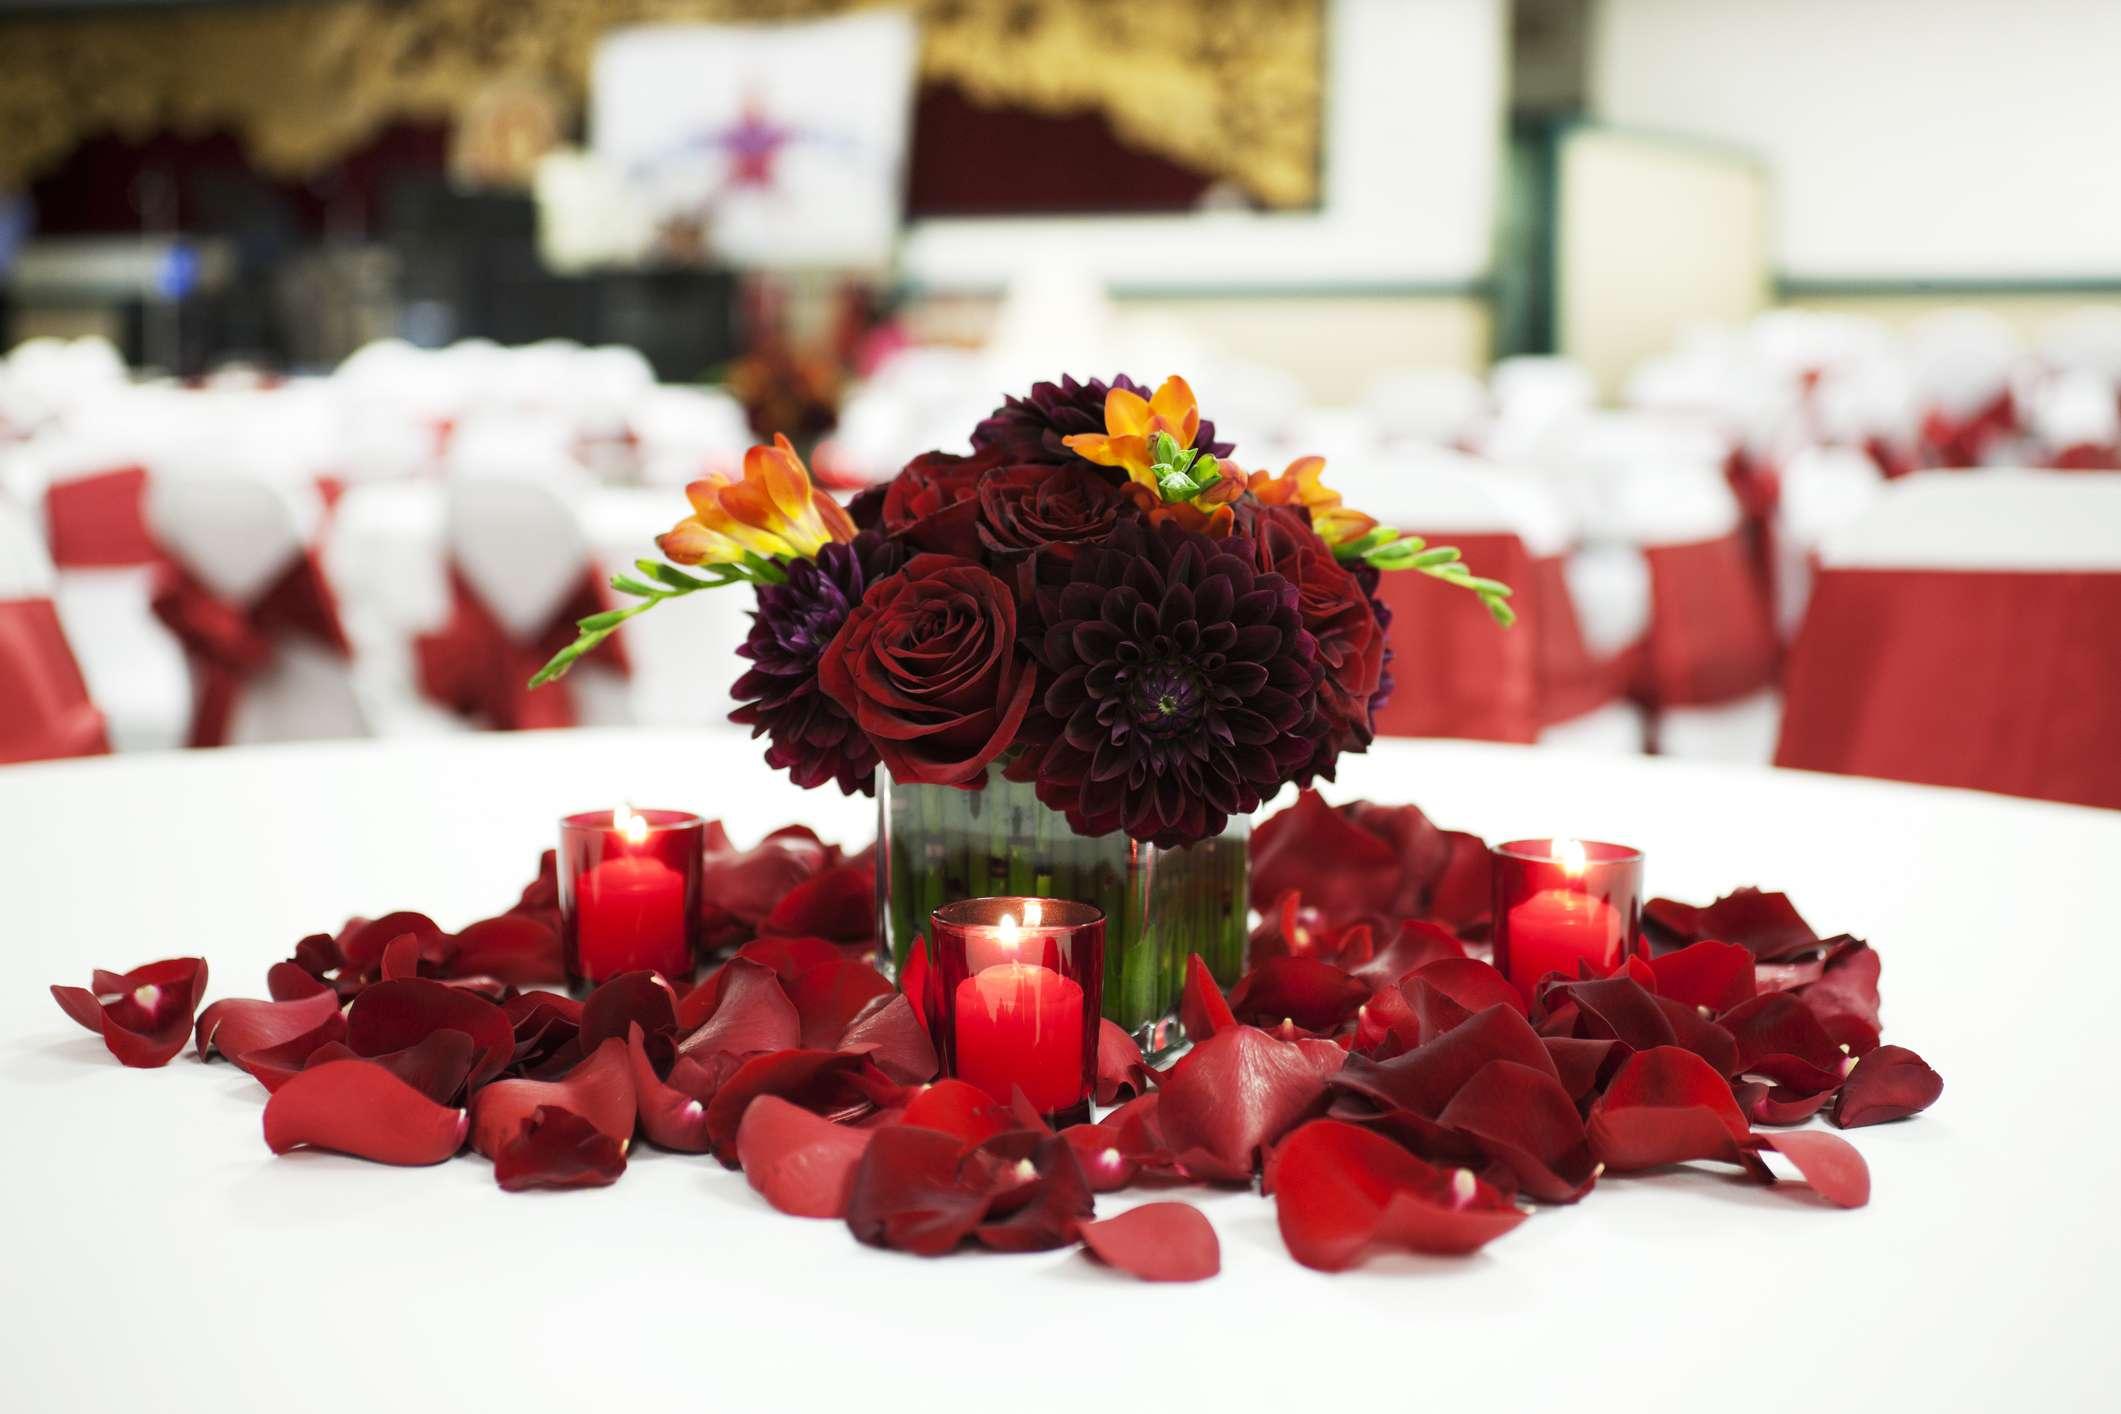 Burgundy Rose and Dahlia Wedding Centerpiece